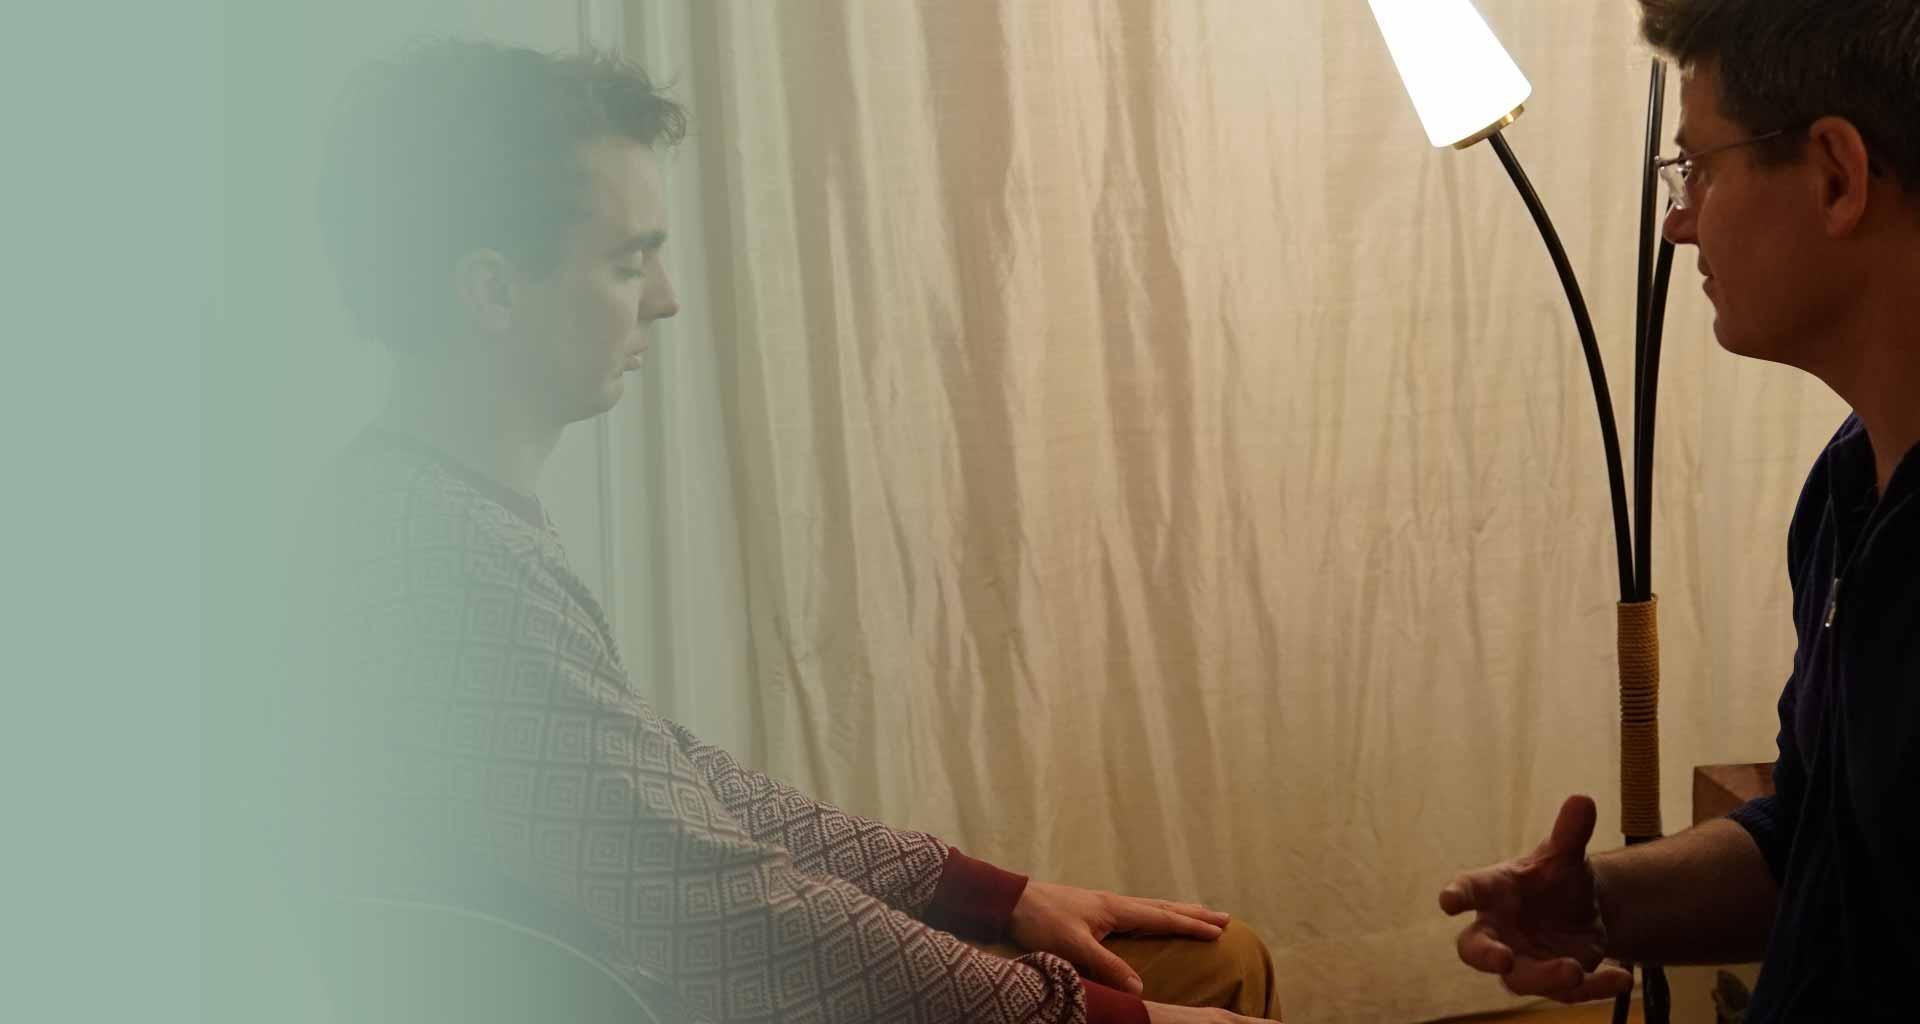 L'hypnose  comme moyen thérapeutique - hypnothérapie